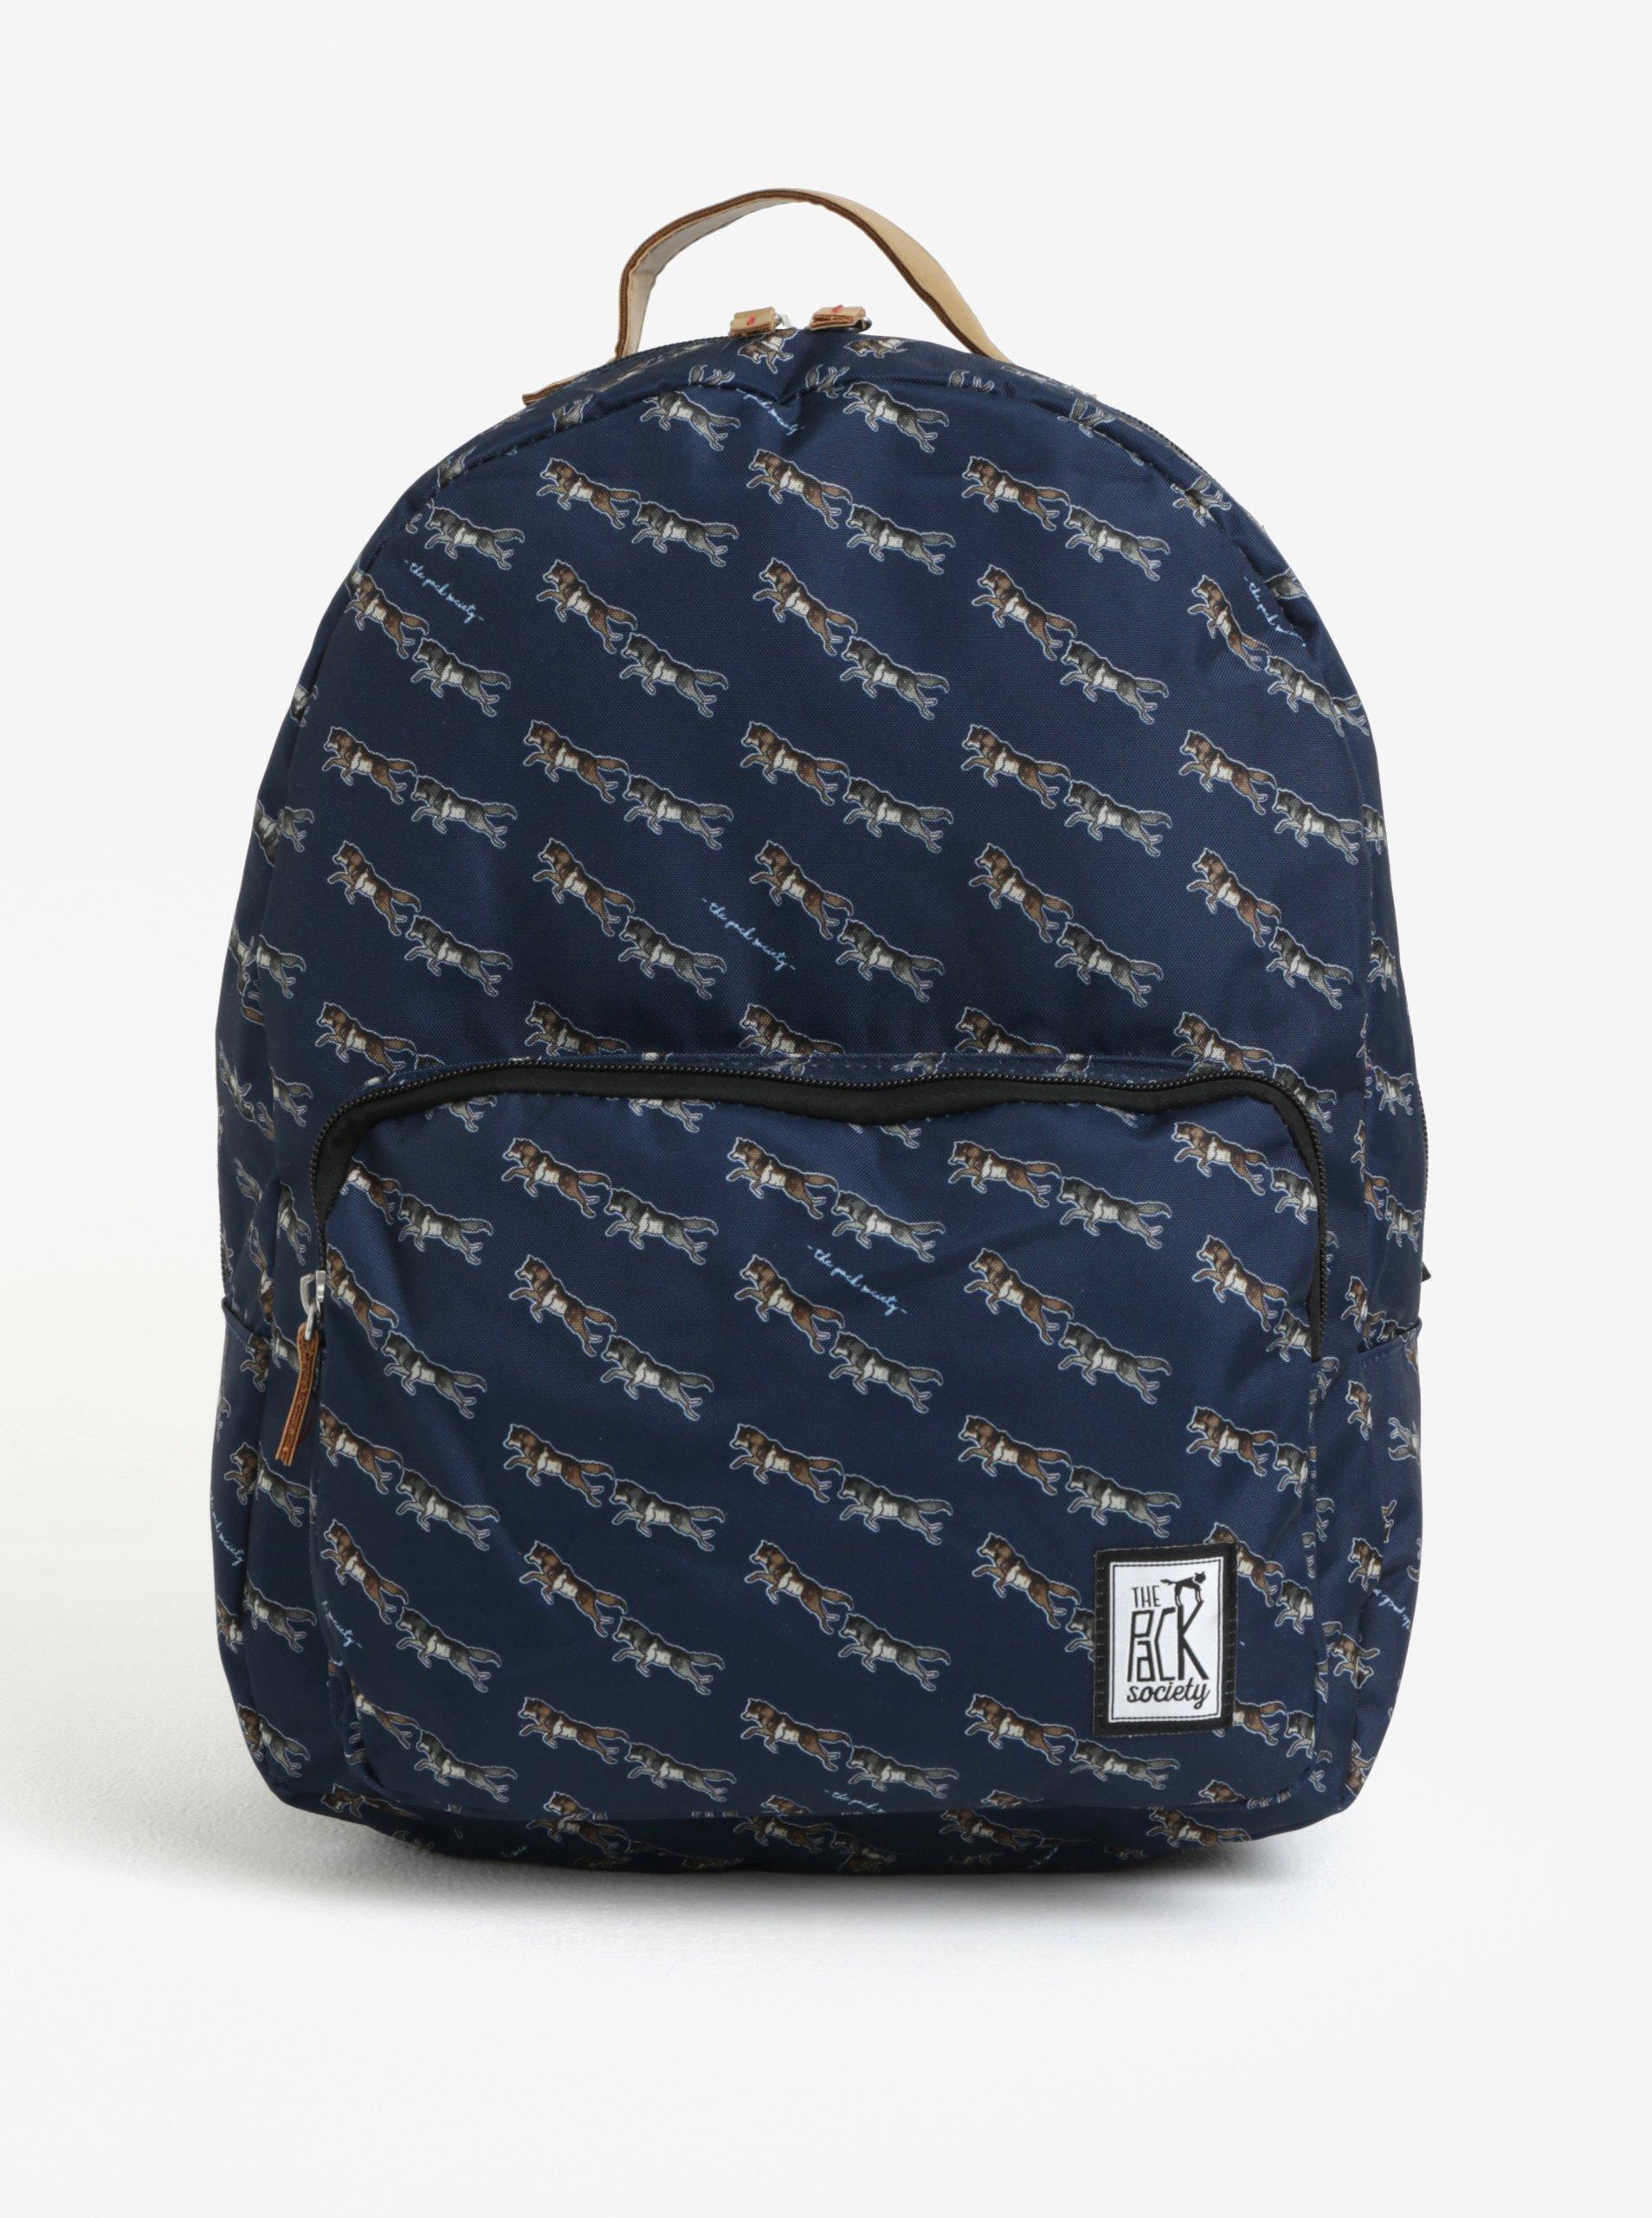 Tmavě modrý dámský batoh s barevným potiskem The Pack Society 18 l